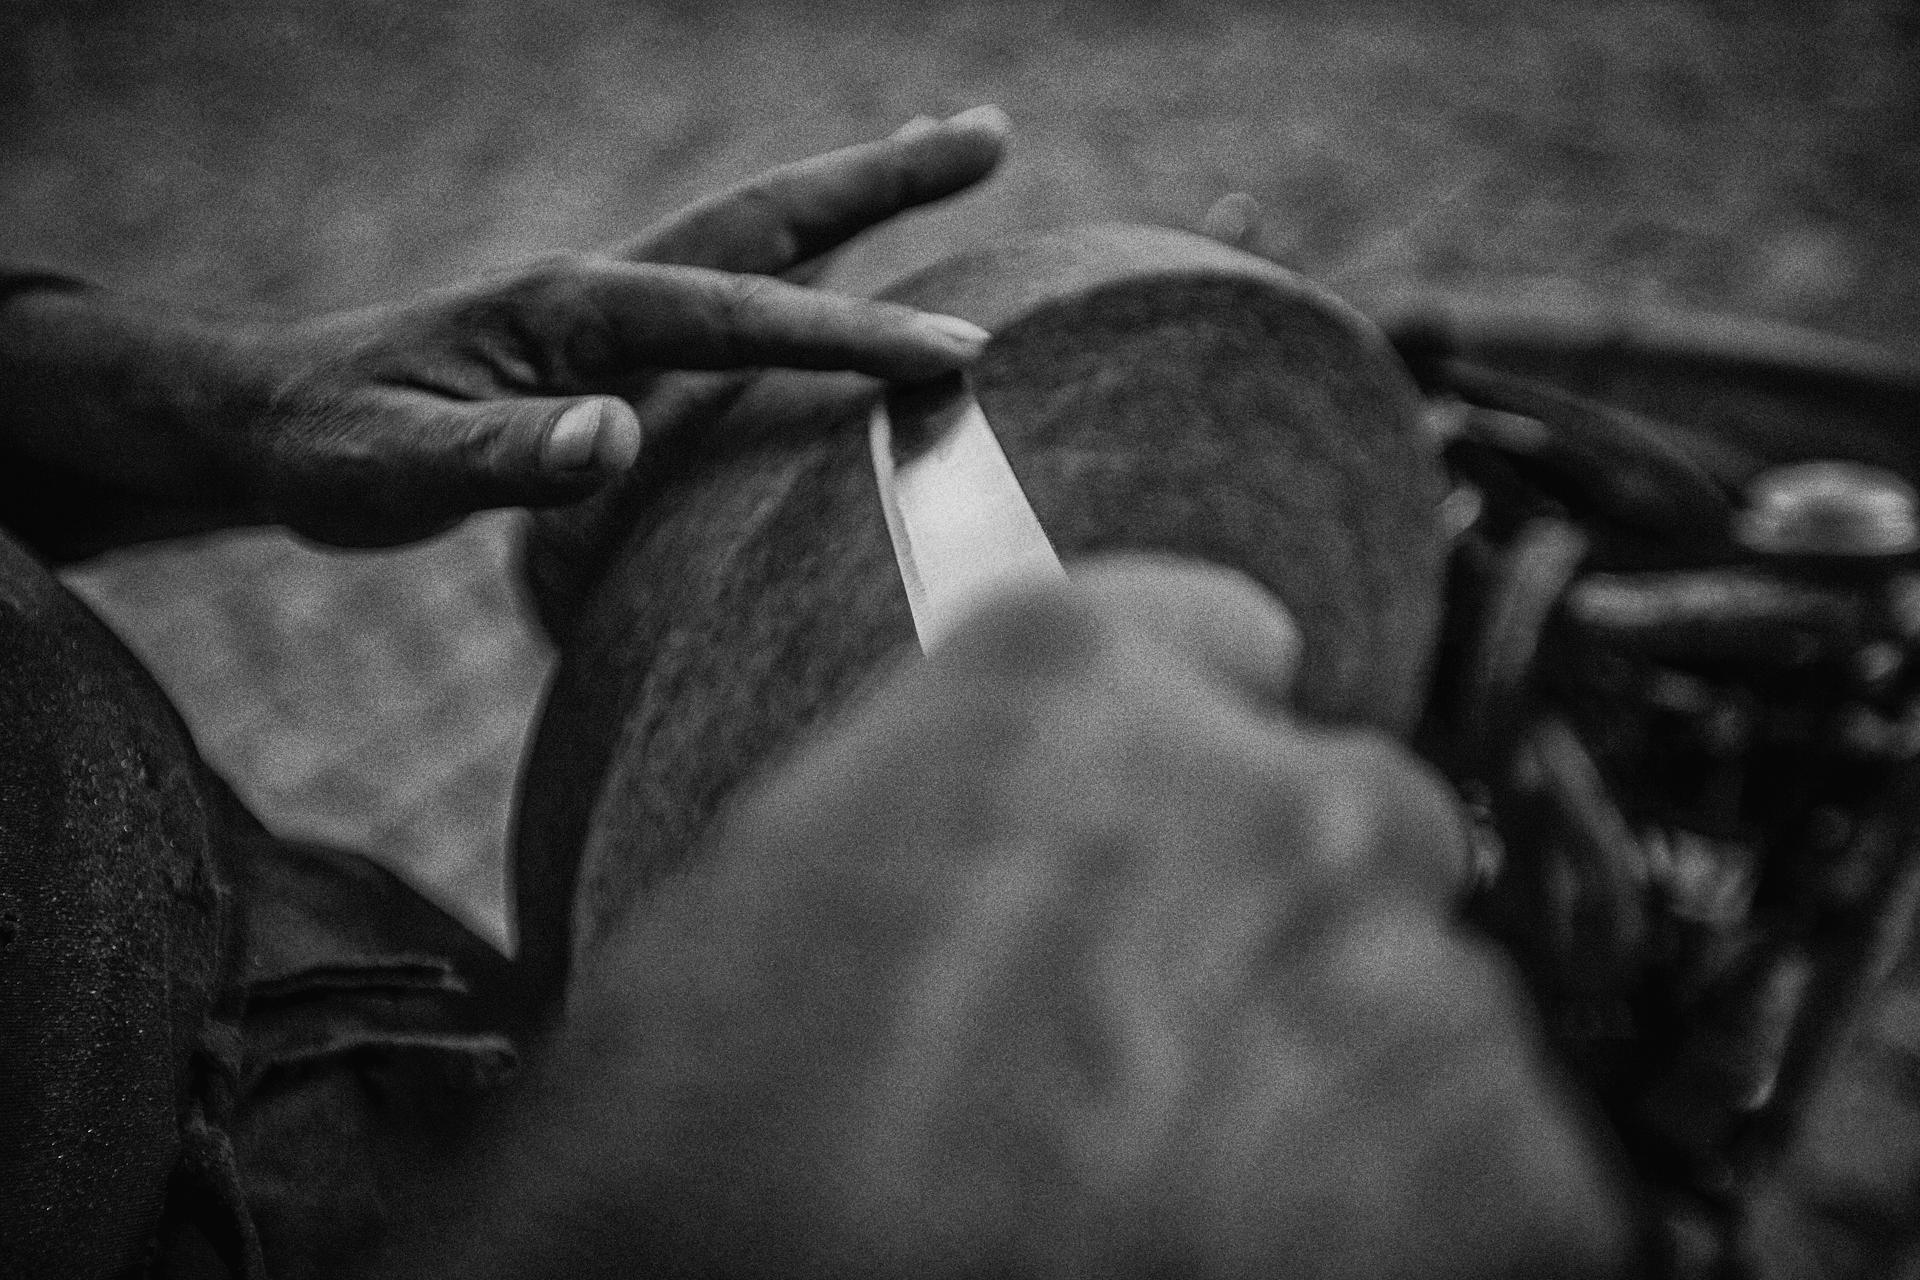 Adeus-Mo-Fotografia-Photography-bonjourmolotov-Andre-Gigante-01